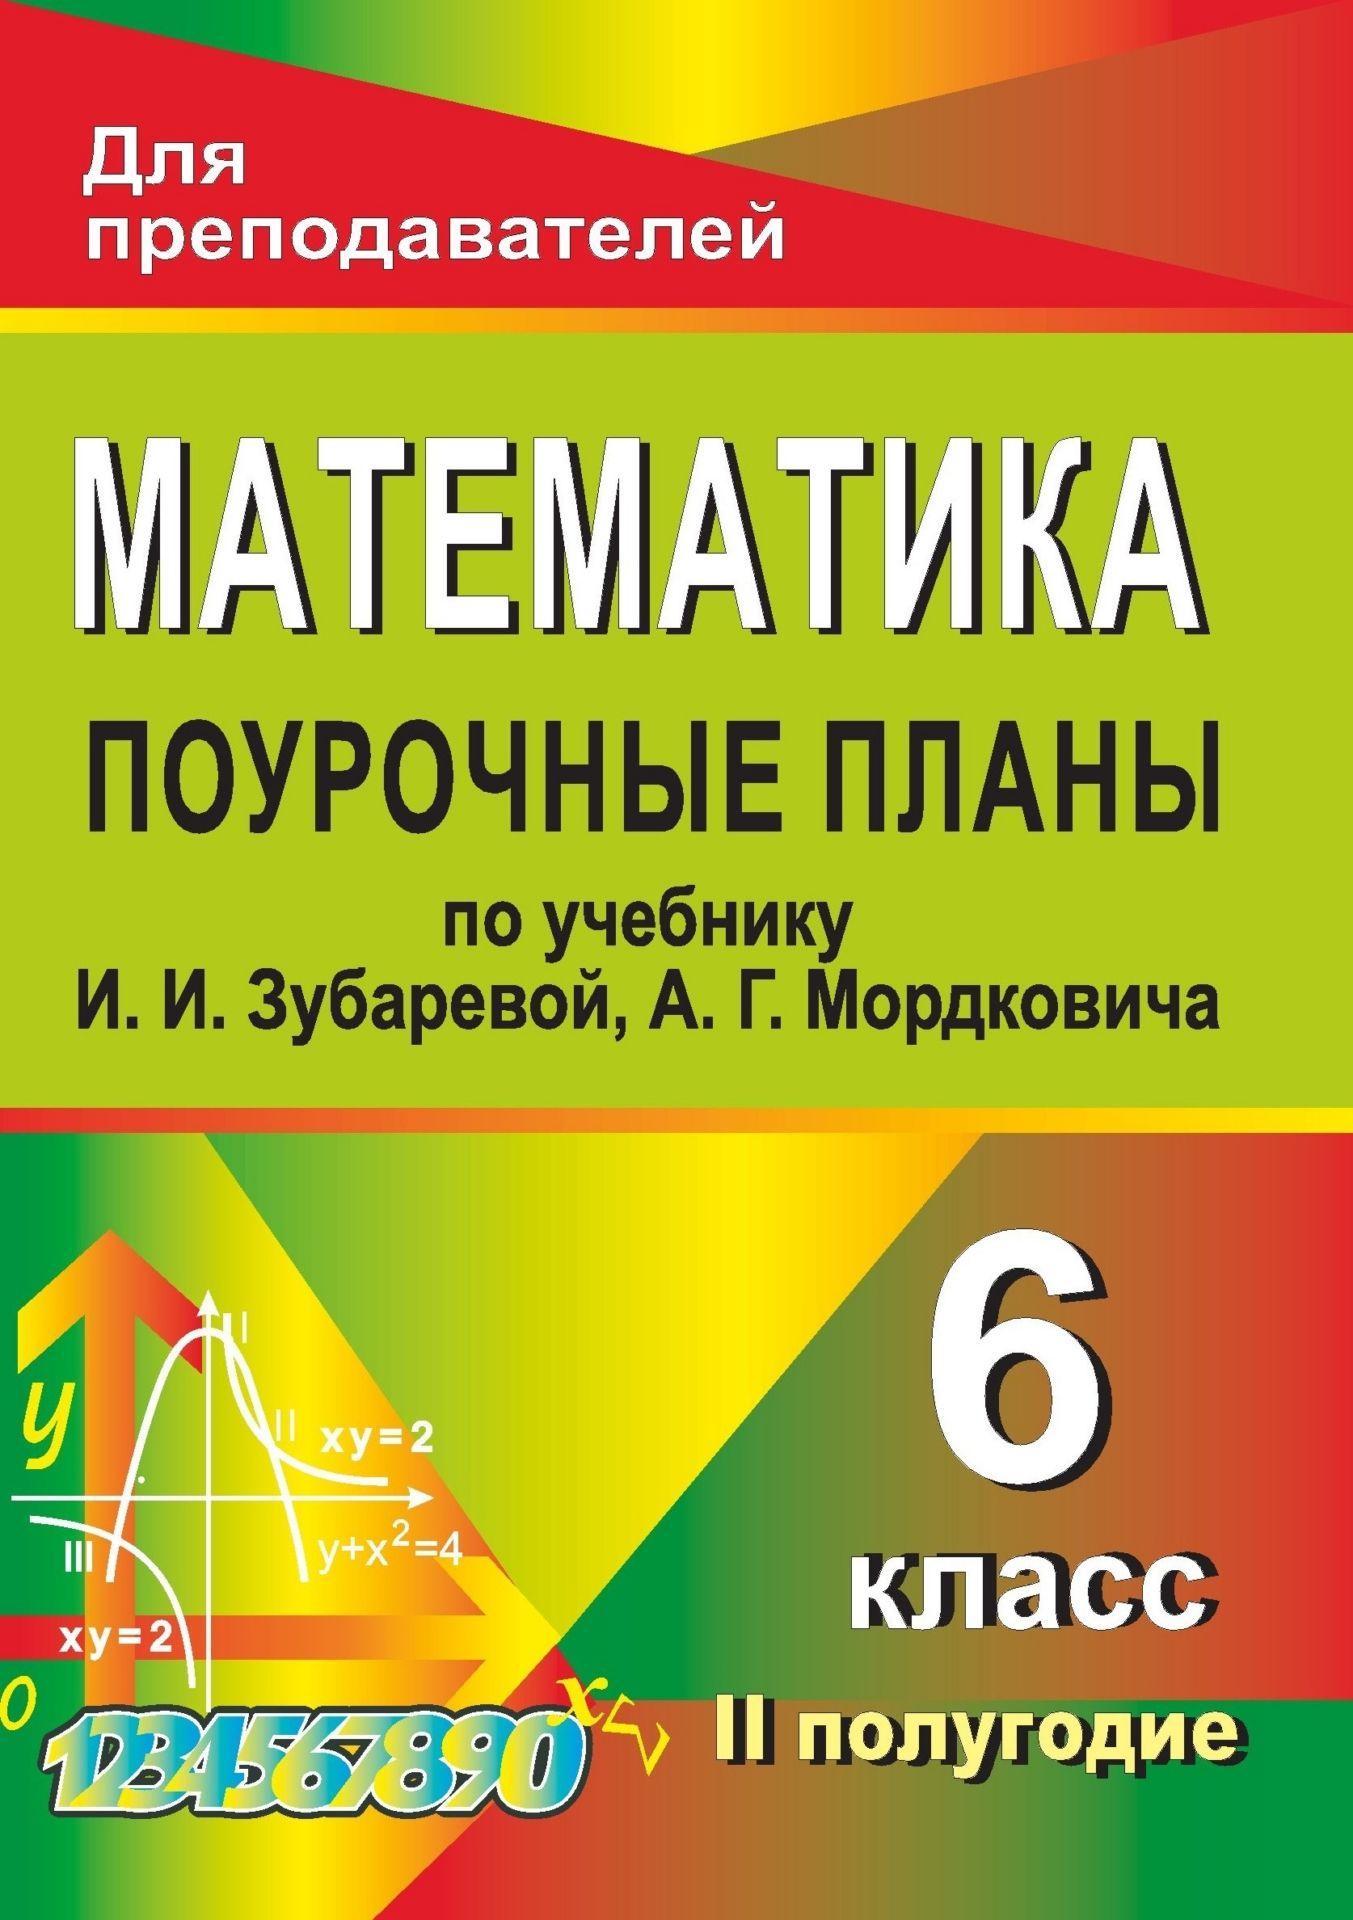 Математика. 6 класс: поурочные планы по учебнику И. И. Зубаревой, А. Г. Мордковича. II полугодие